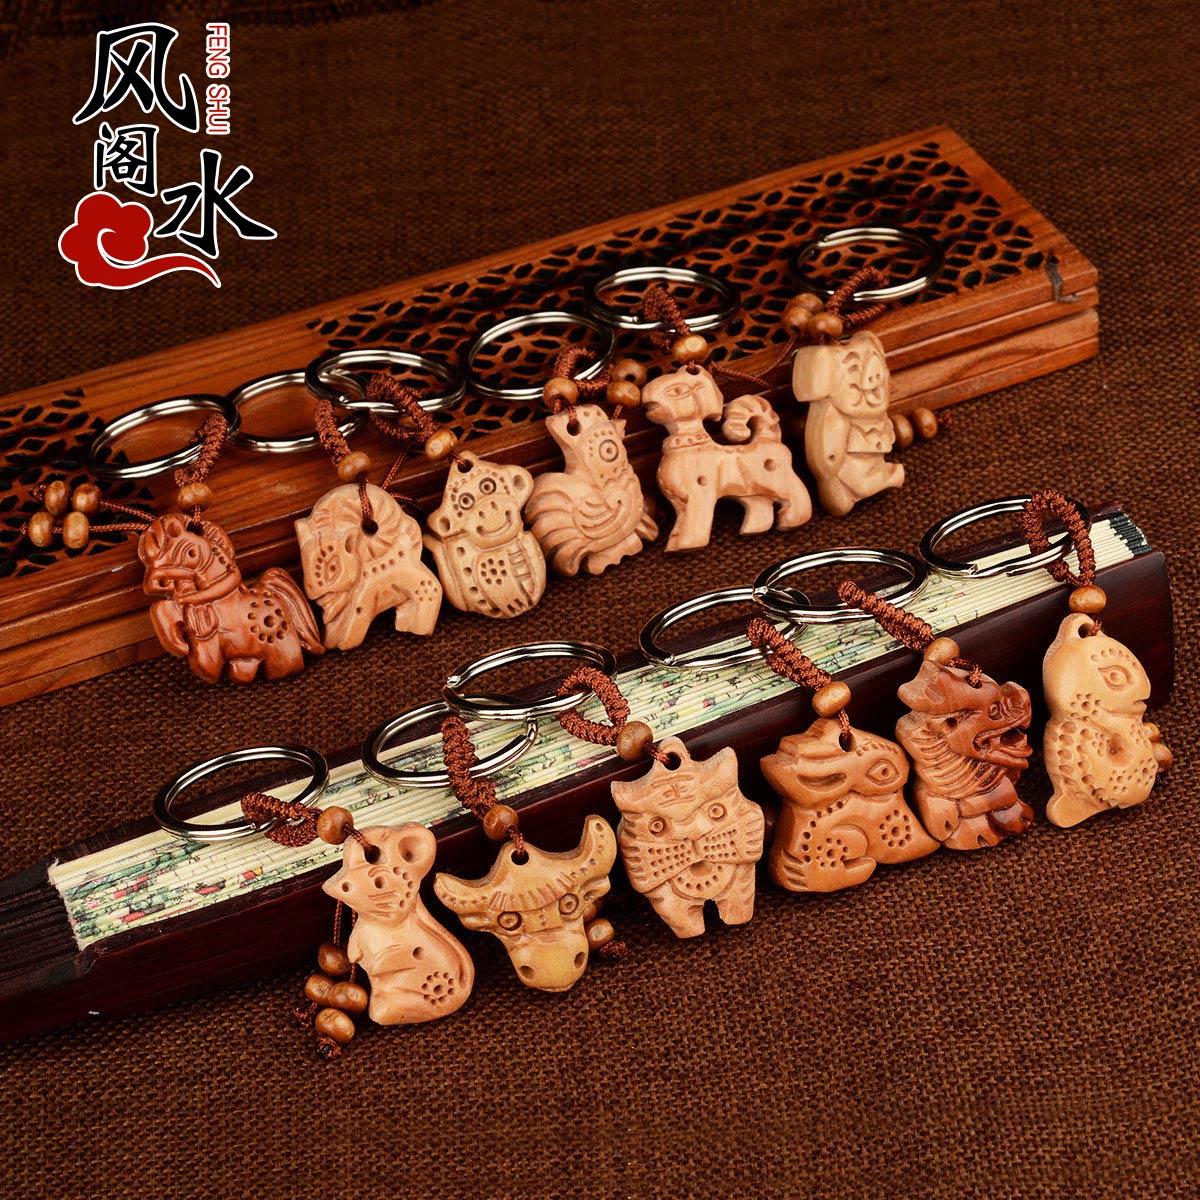 风水阁 鼠牛虎兔龙蛇马羊猴鸡狗猪 天然桃木十二生肖钥匙扣挂件